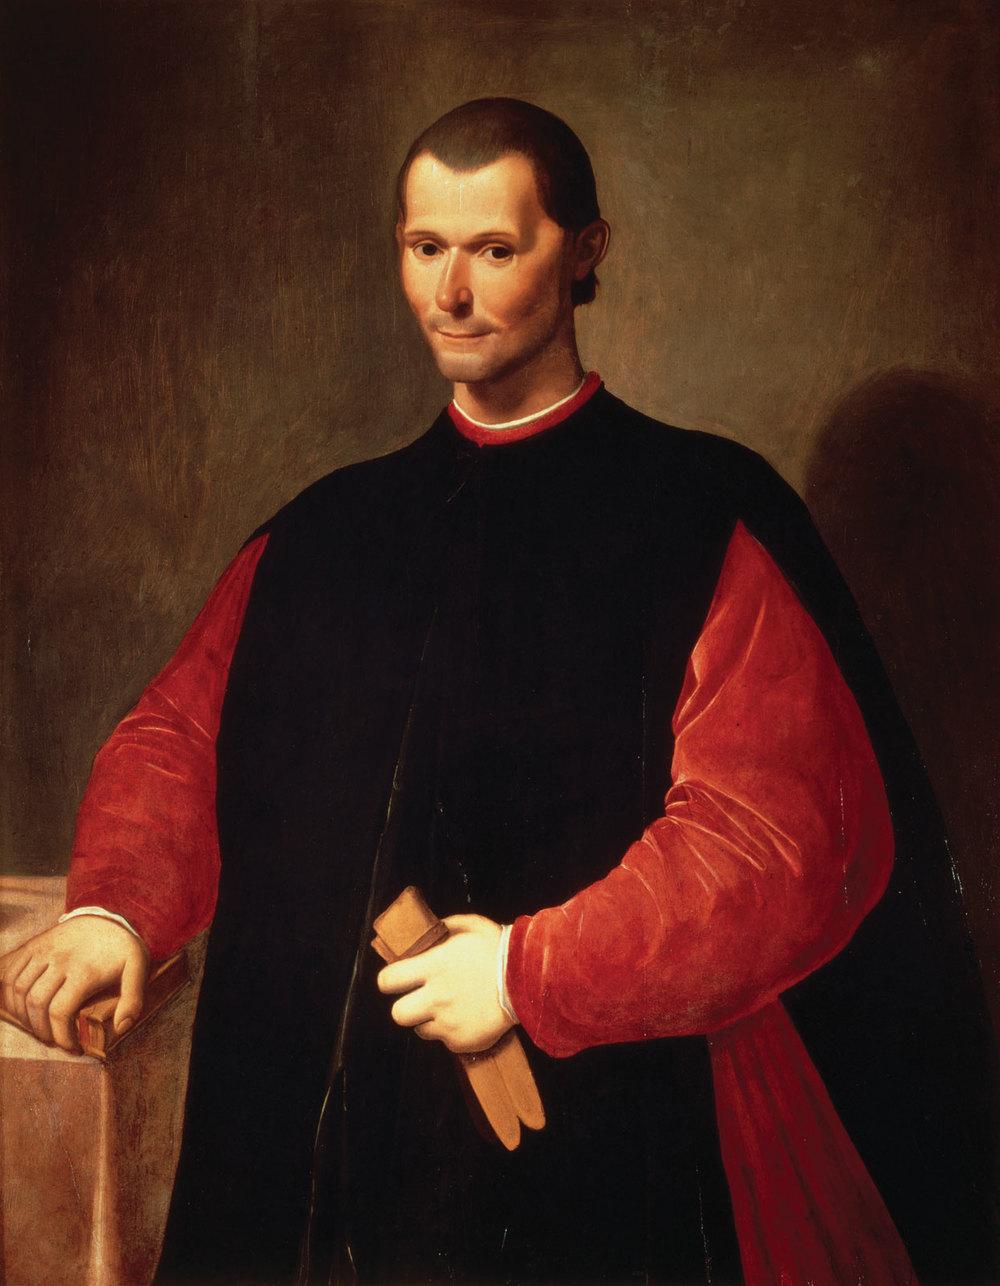 Retrato de Maquiavelo, por Santi di Tito